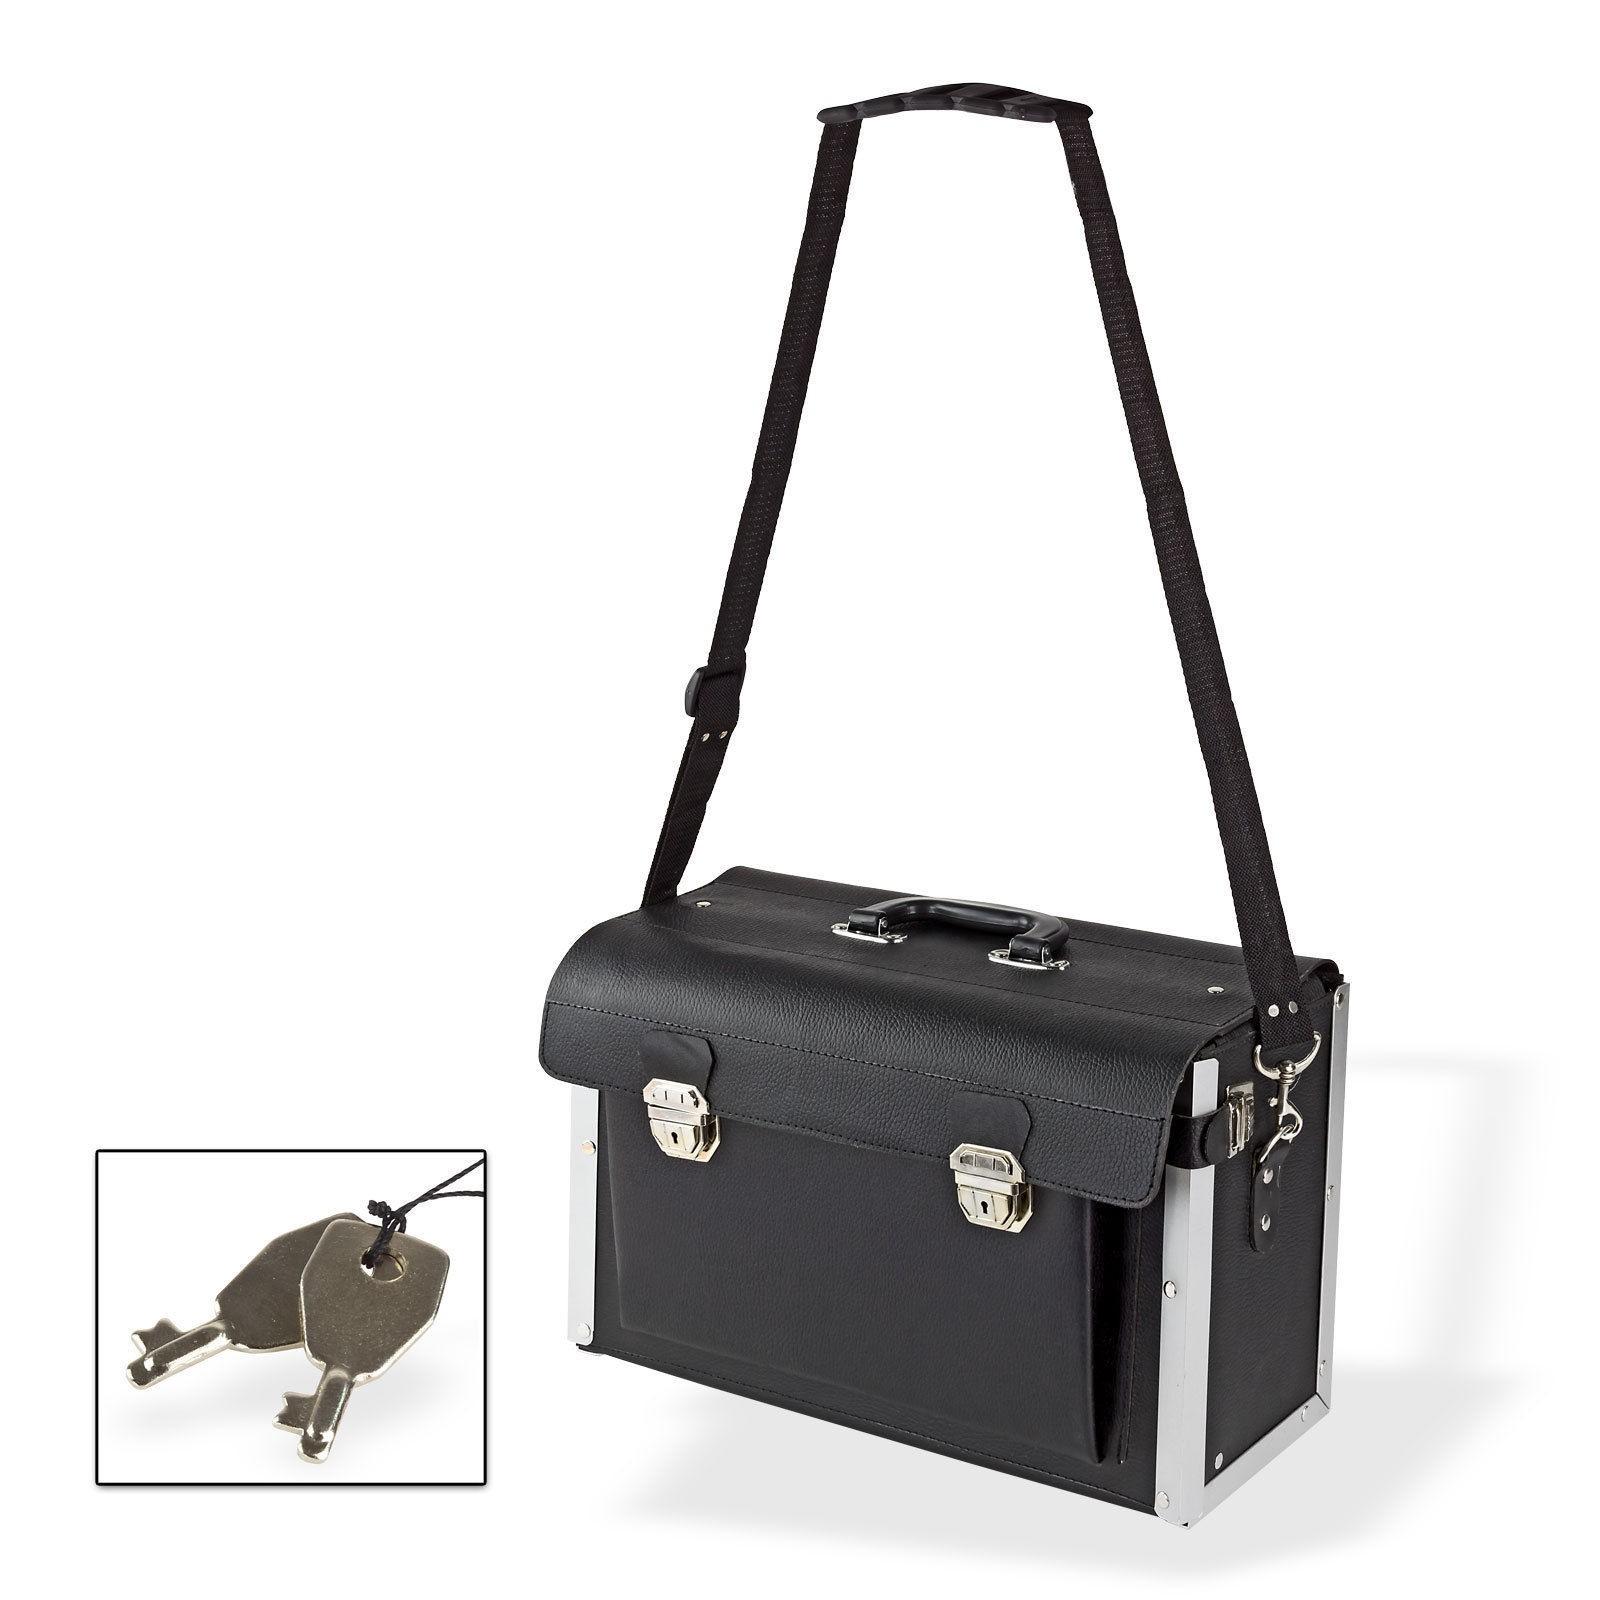 profi werkzeugkoffer werkzeugtasche hochwertig aus leder. Black Bedroom Furniture Sets. Home Design Ideas